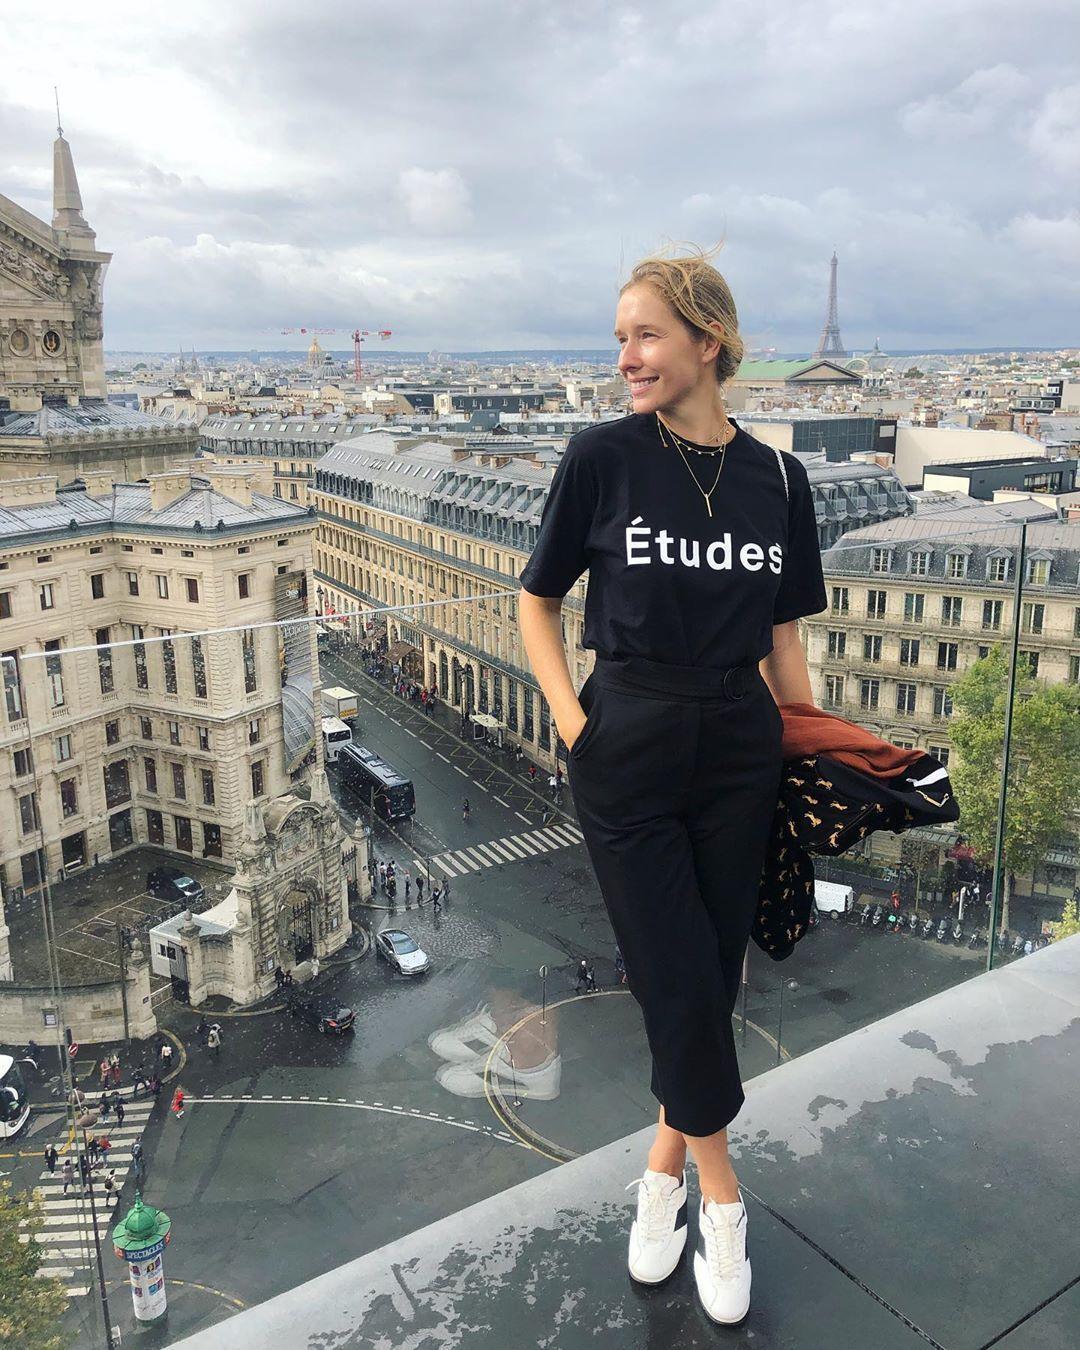 Стильная Осадчая в Париже